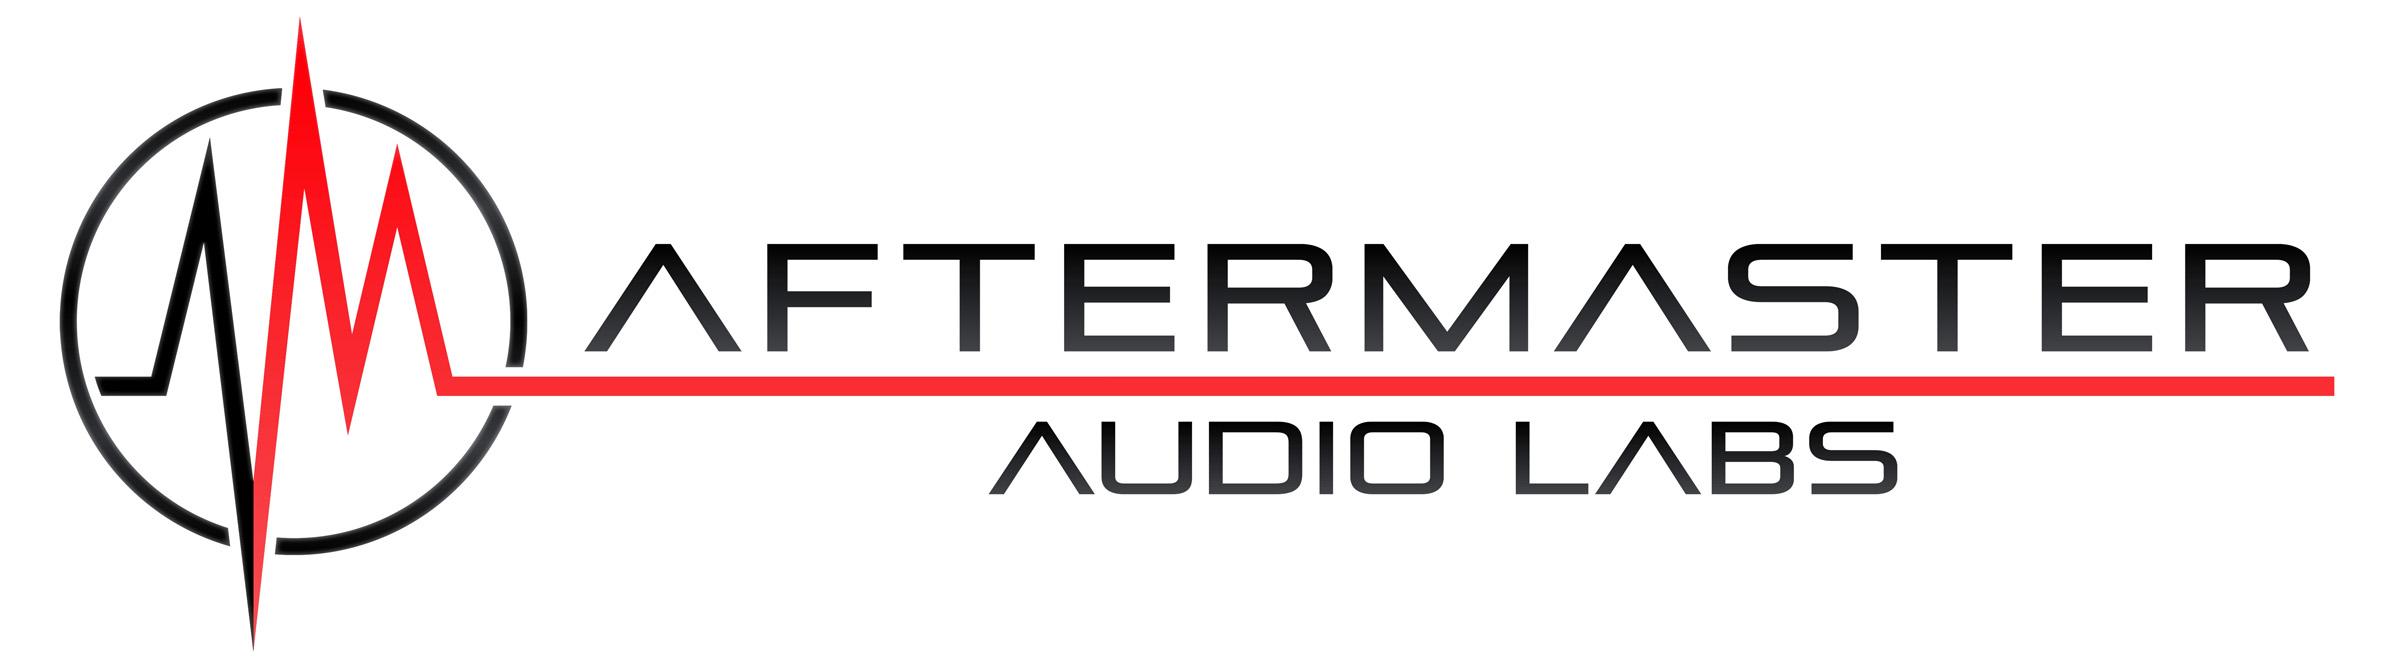 http://www.clynemedia.com/PensadosPlace/PA_AfterMaster/AfterMaster_Logo.jpg